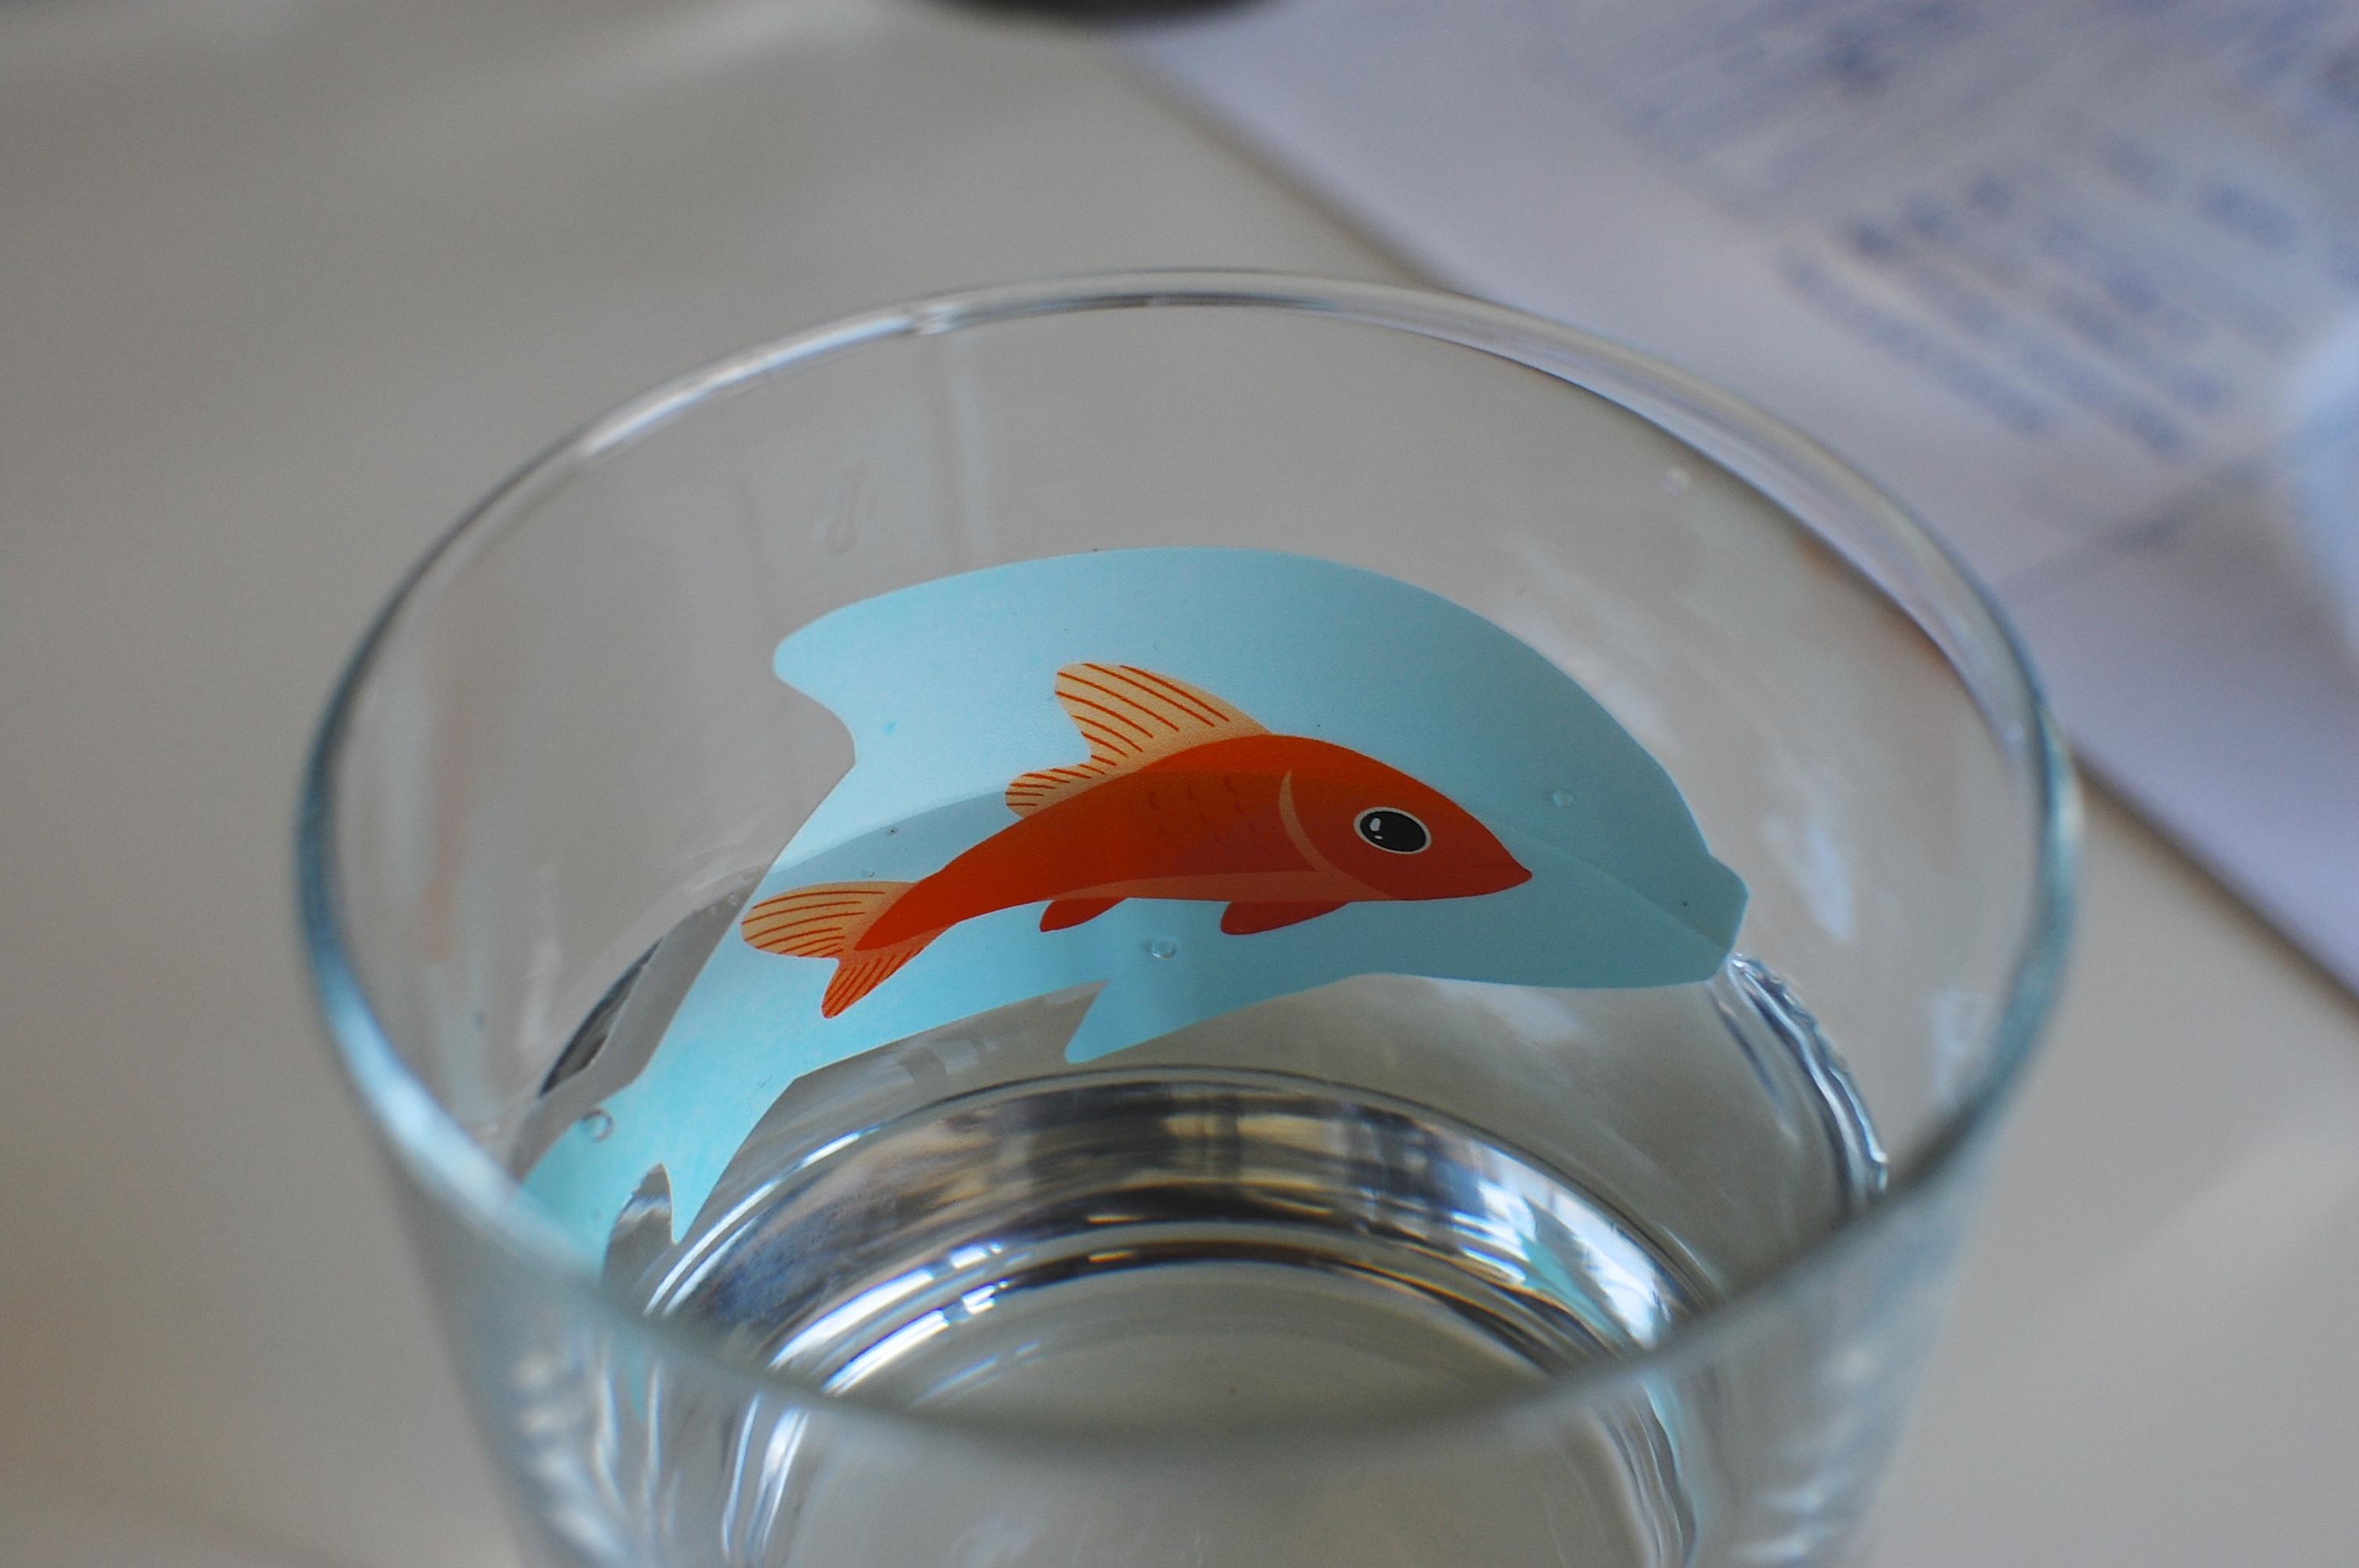 Aquarium with fish sticker